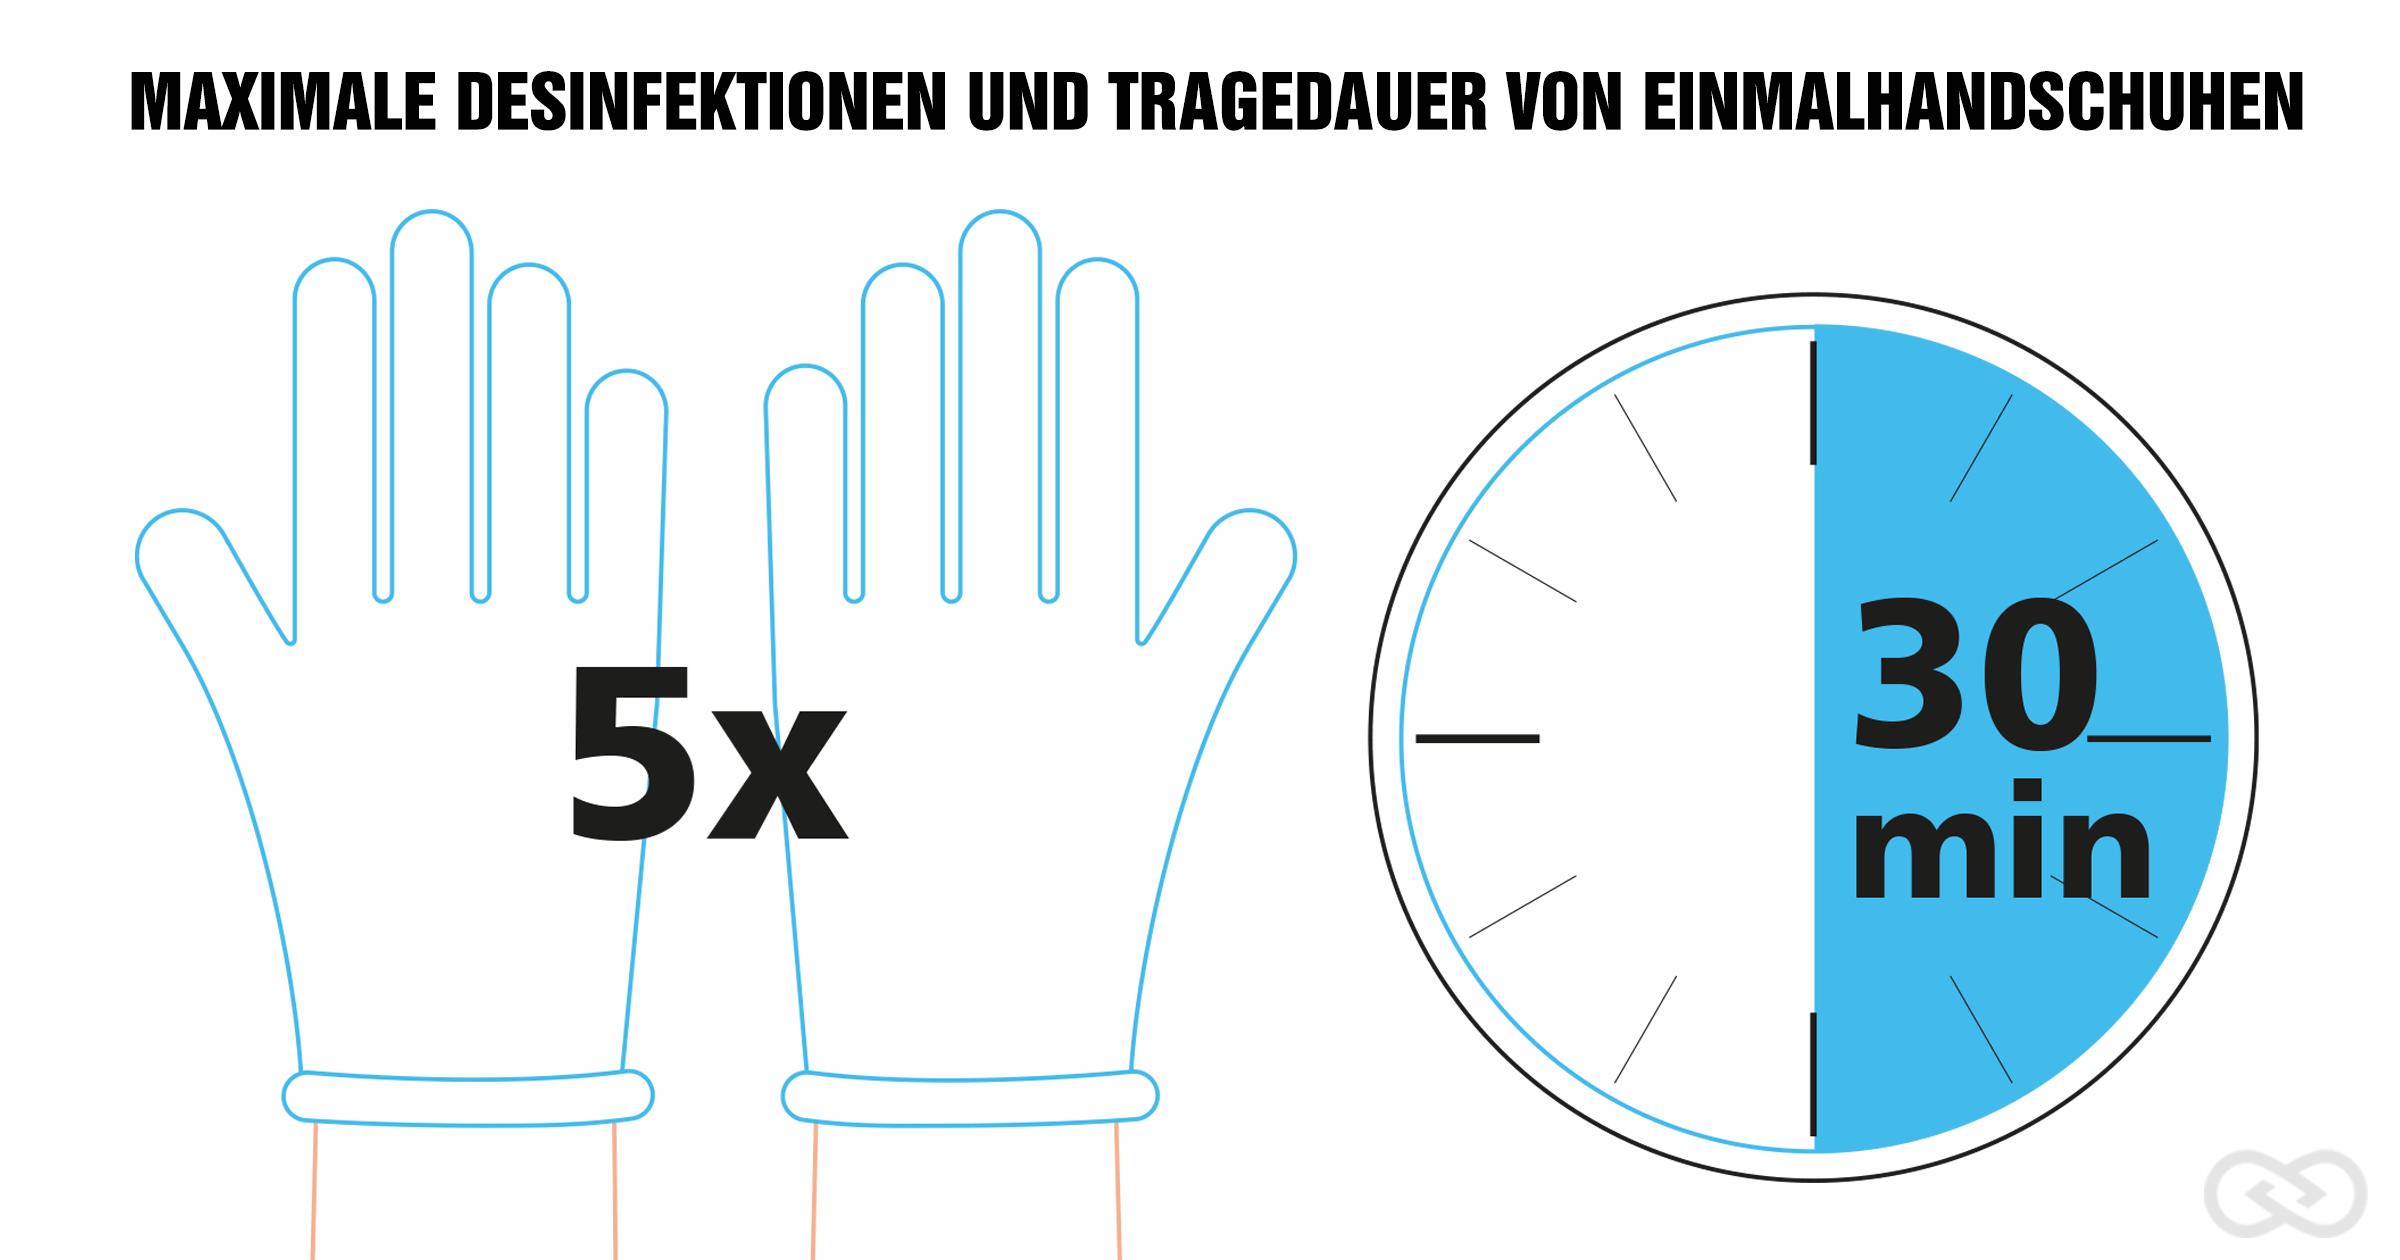 Medizinische Einmalhandschuhe desinfizieren: Anzahl und Länge